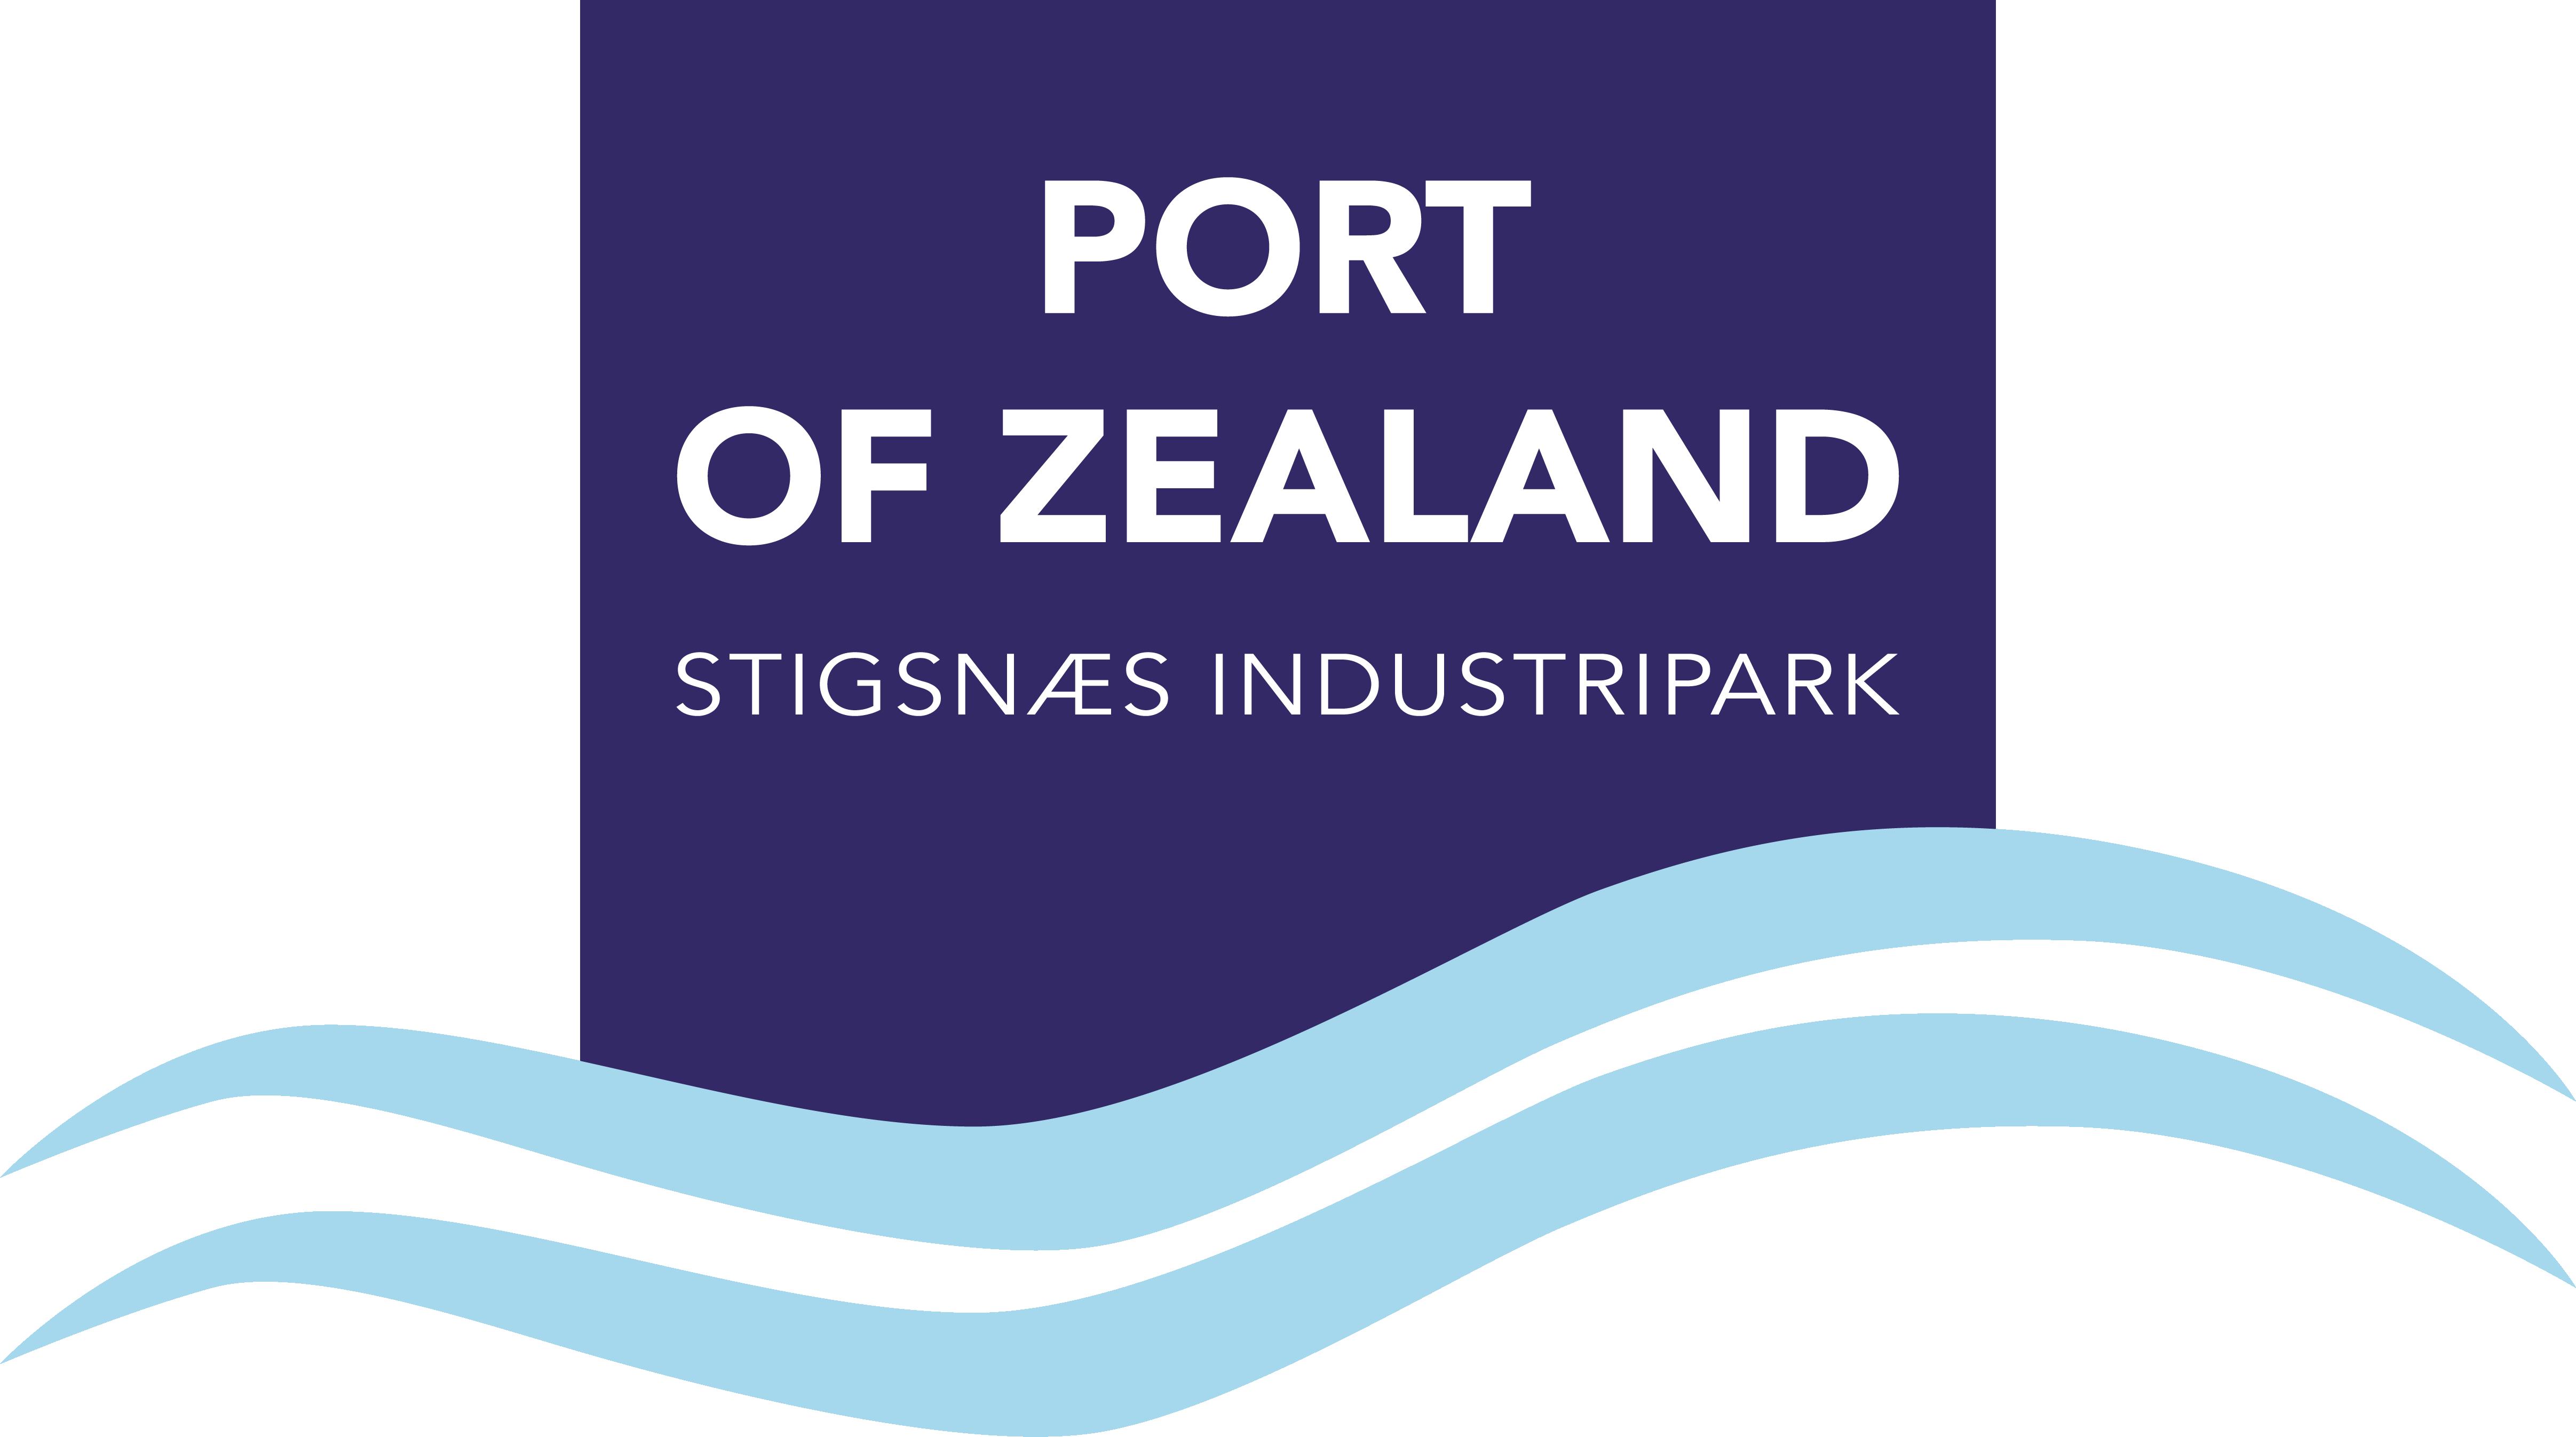 Port Of Zealand